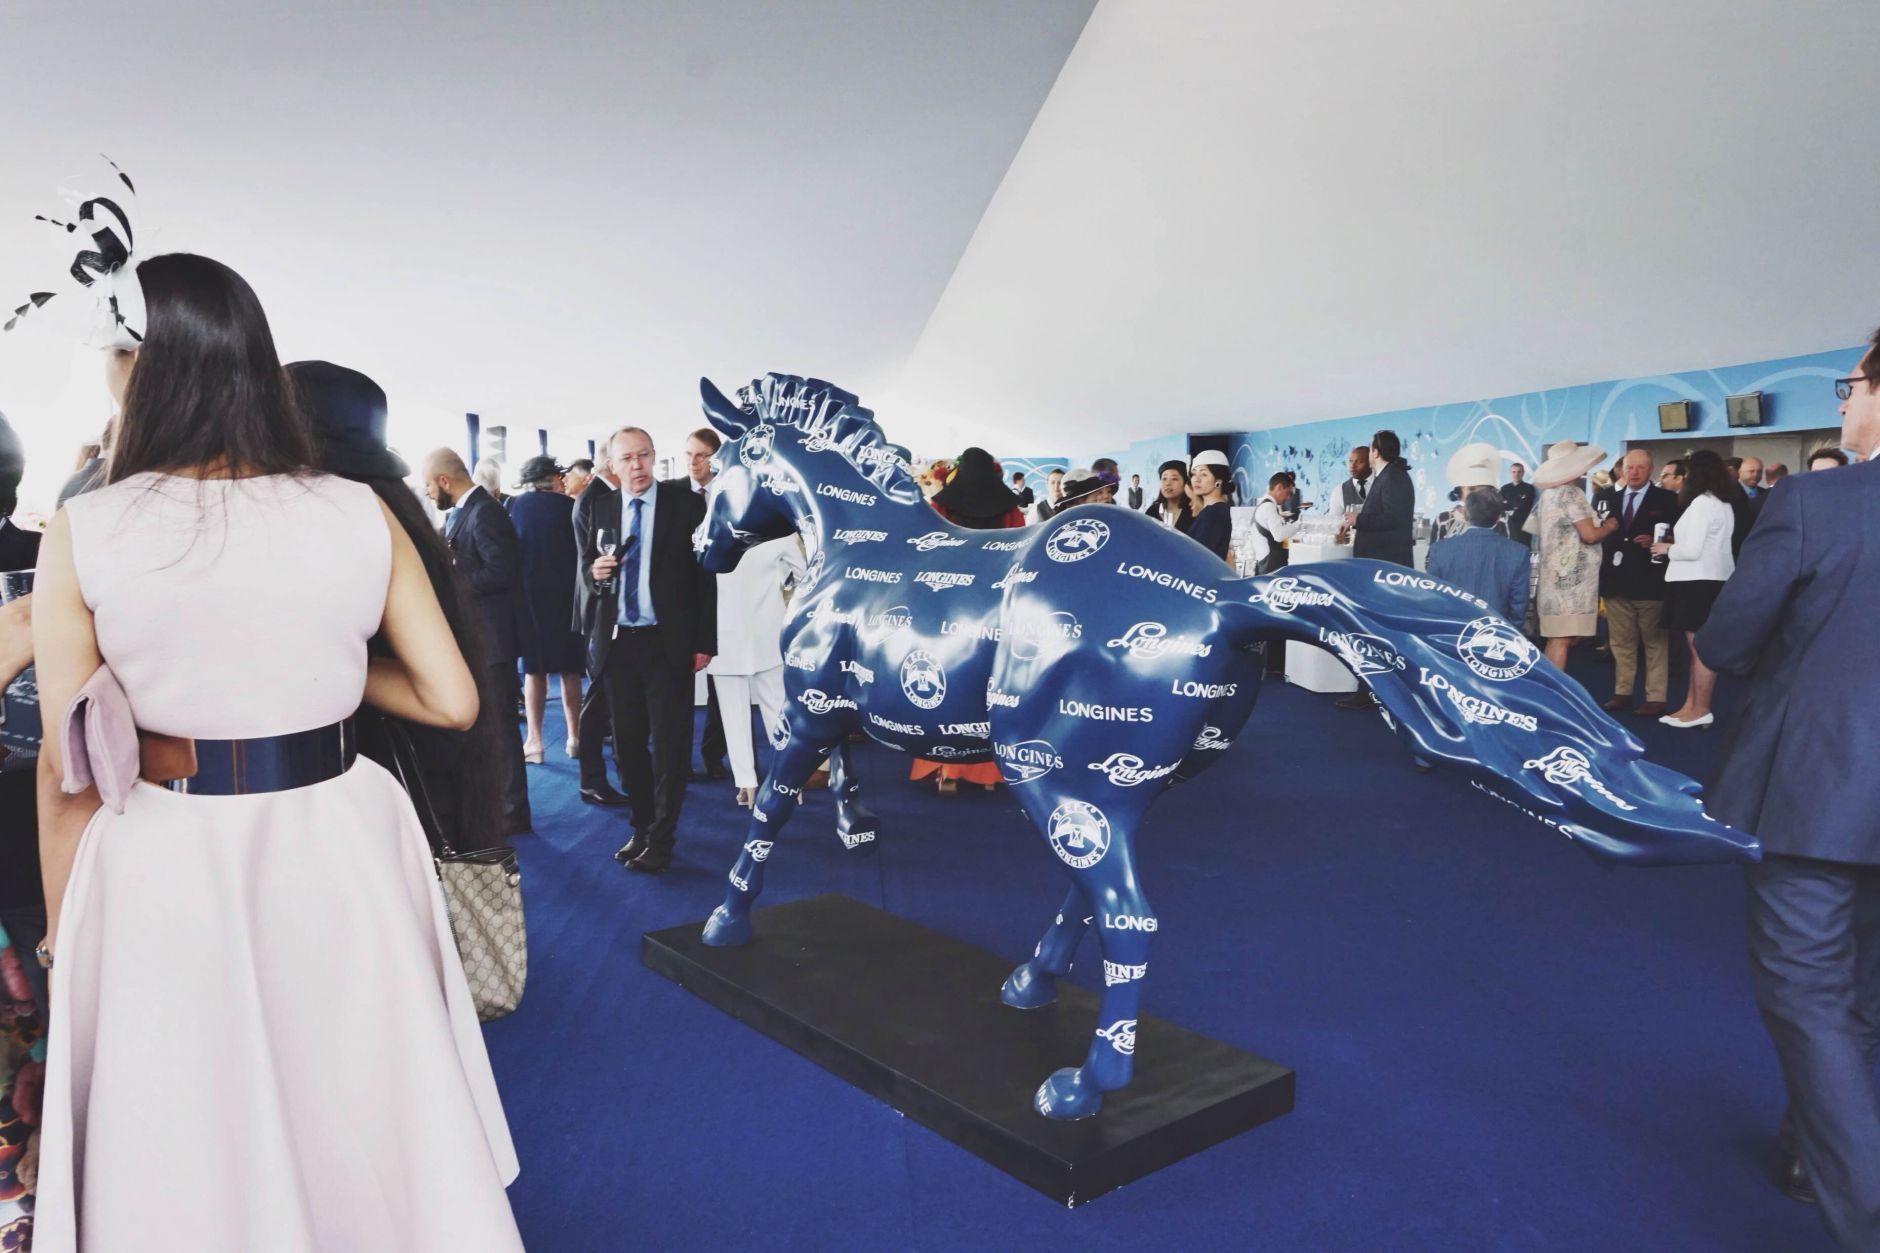 11-Prix-de-Diane-Longines-2015-Disi-Couture-France-Galop-Chantilly-Racecourse-Horse-Race